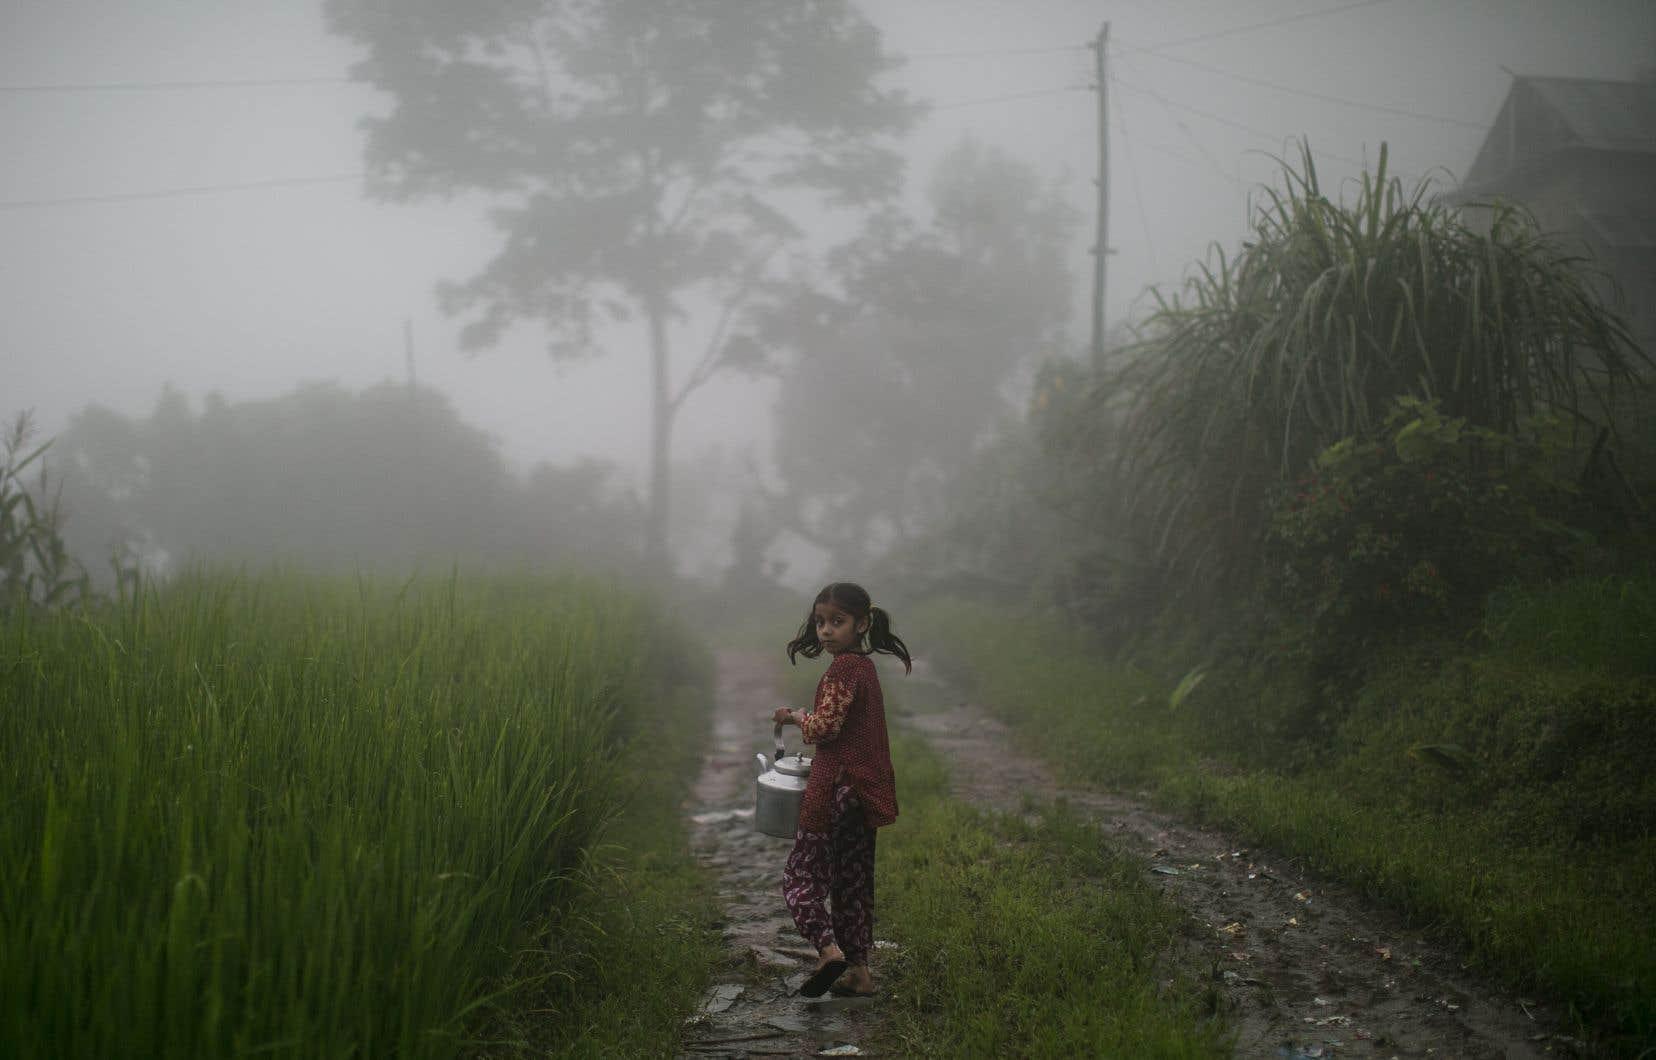 Une jeune fille dans un village reculé du district de Lalitpur. Depuis quelques années, la durée et les dates de la mousson au Népal sont modifiées. En septembre les pluies sont encore importantes et ont causé d'importants glissements de terrain dans la région.